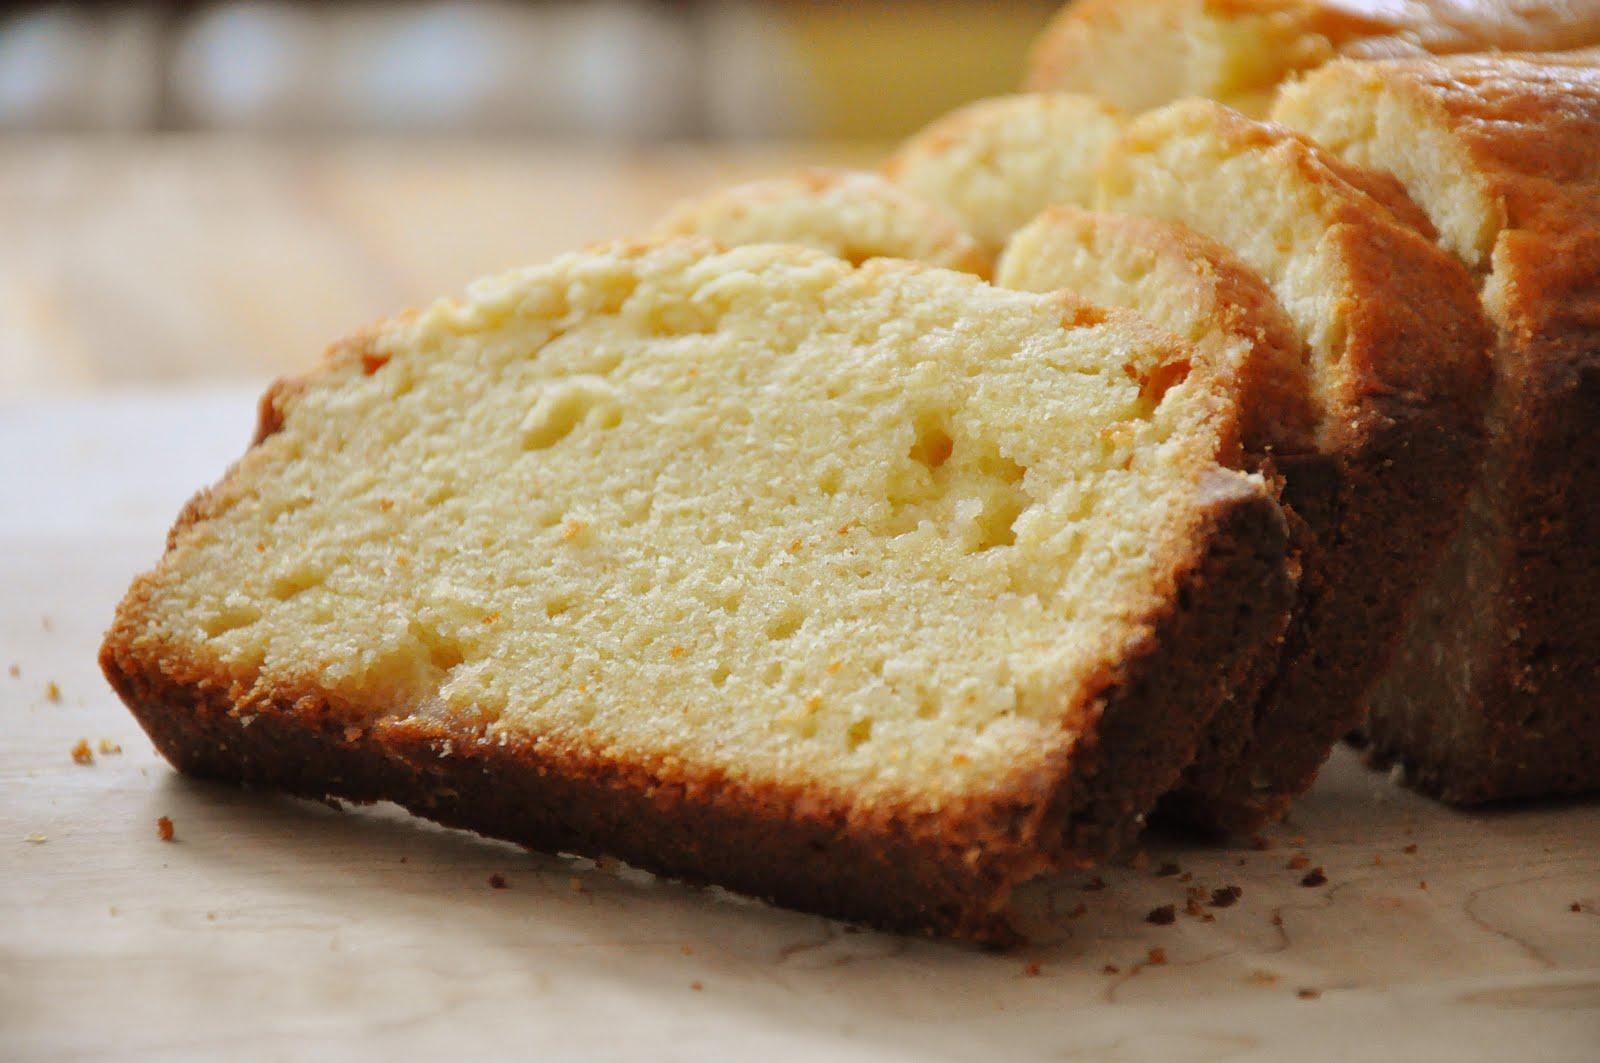 Cream Cheese Pound Cake With Wheat Flour